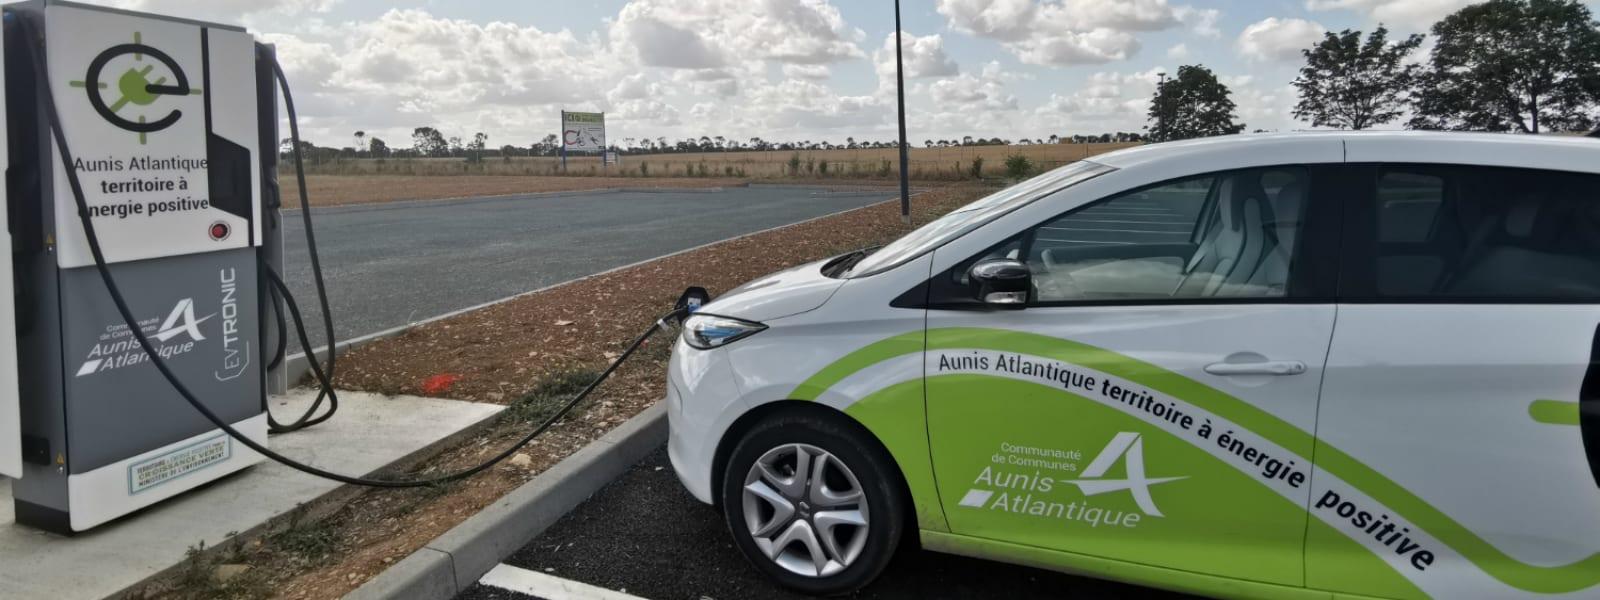 Bornes de recharge voitures électriques 1